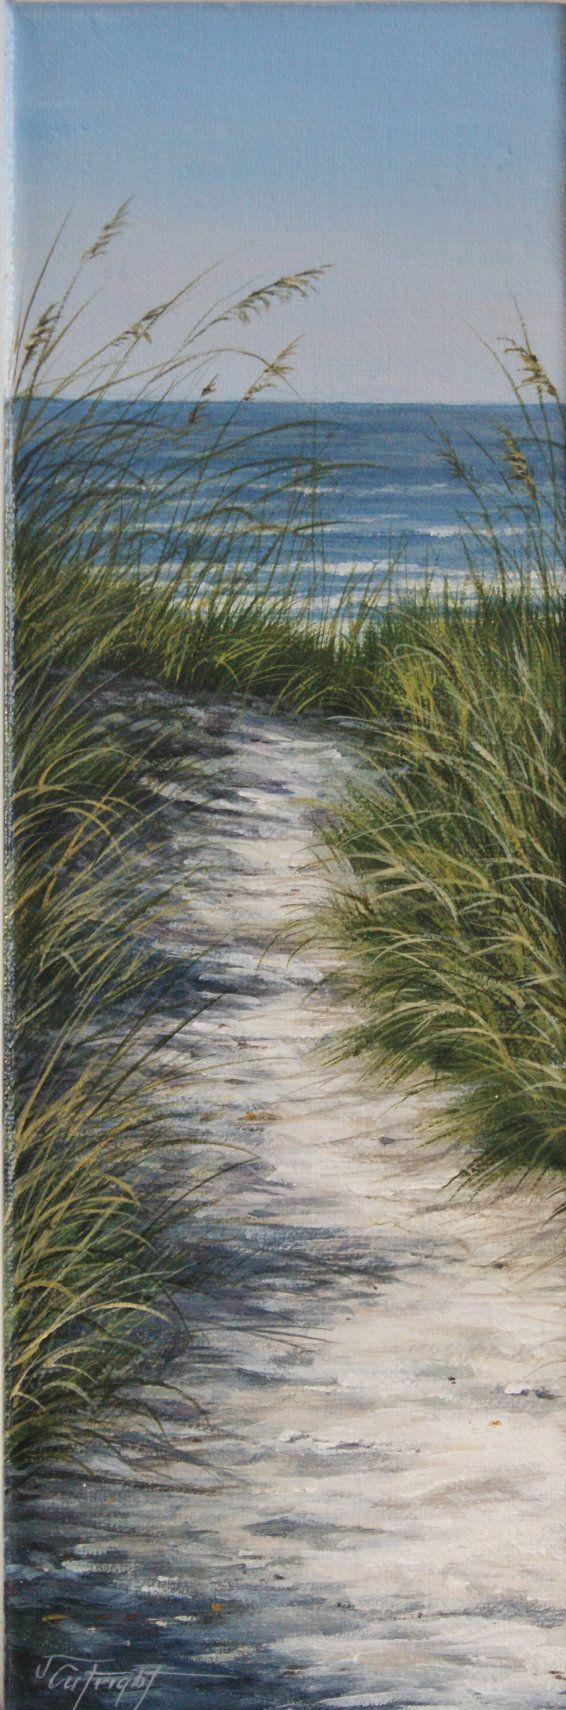 Toile de peinture acrylique originale sur un 4 x 12 de large. Intitulé, « Chemin vers la plage. »  Inspiré par les souvenirs des promenades à la plage et la tranquillité que découle le son des vagues océaniques.  Un morceau de laccent parfait pour les plus petits, étroits espaces de mur.  Comme un artiste professionnel, je prends beaucoup de fierté dans la création de chacun de mes oeuvres dart. Toutes mes pièces sont prêts à raccrocher et seront emballés et expédiés avec soin.  Je serai…